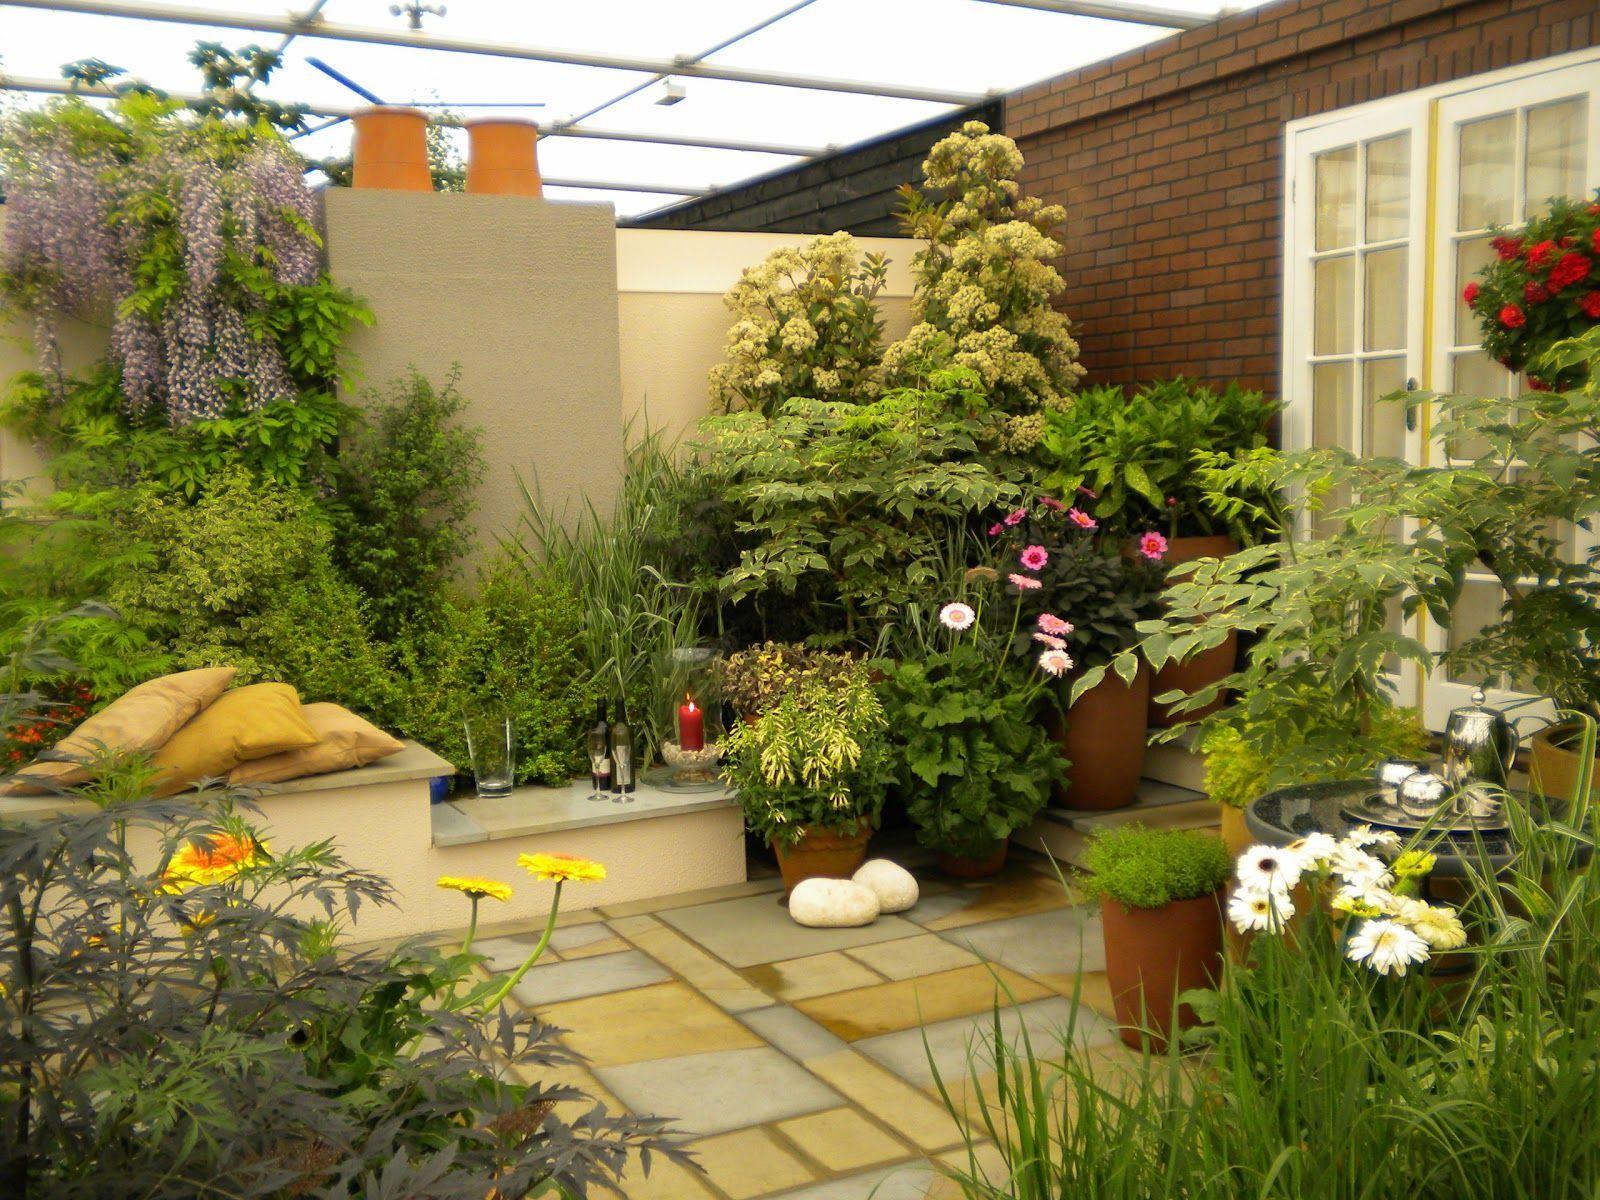 Vườn nhà có trẻ nhỏ không nên trồng các loại cây quý hiếm